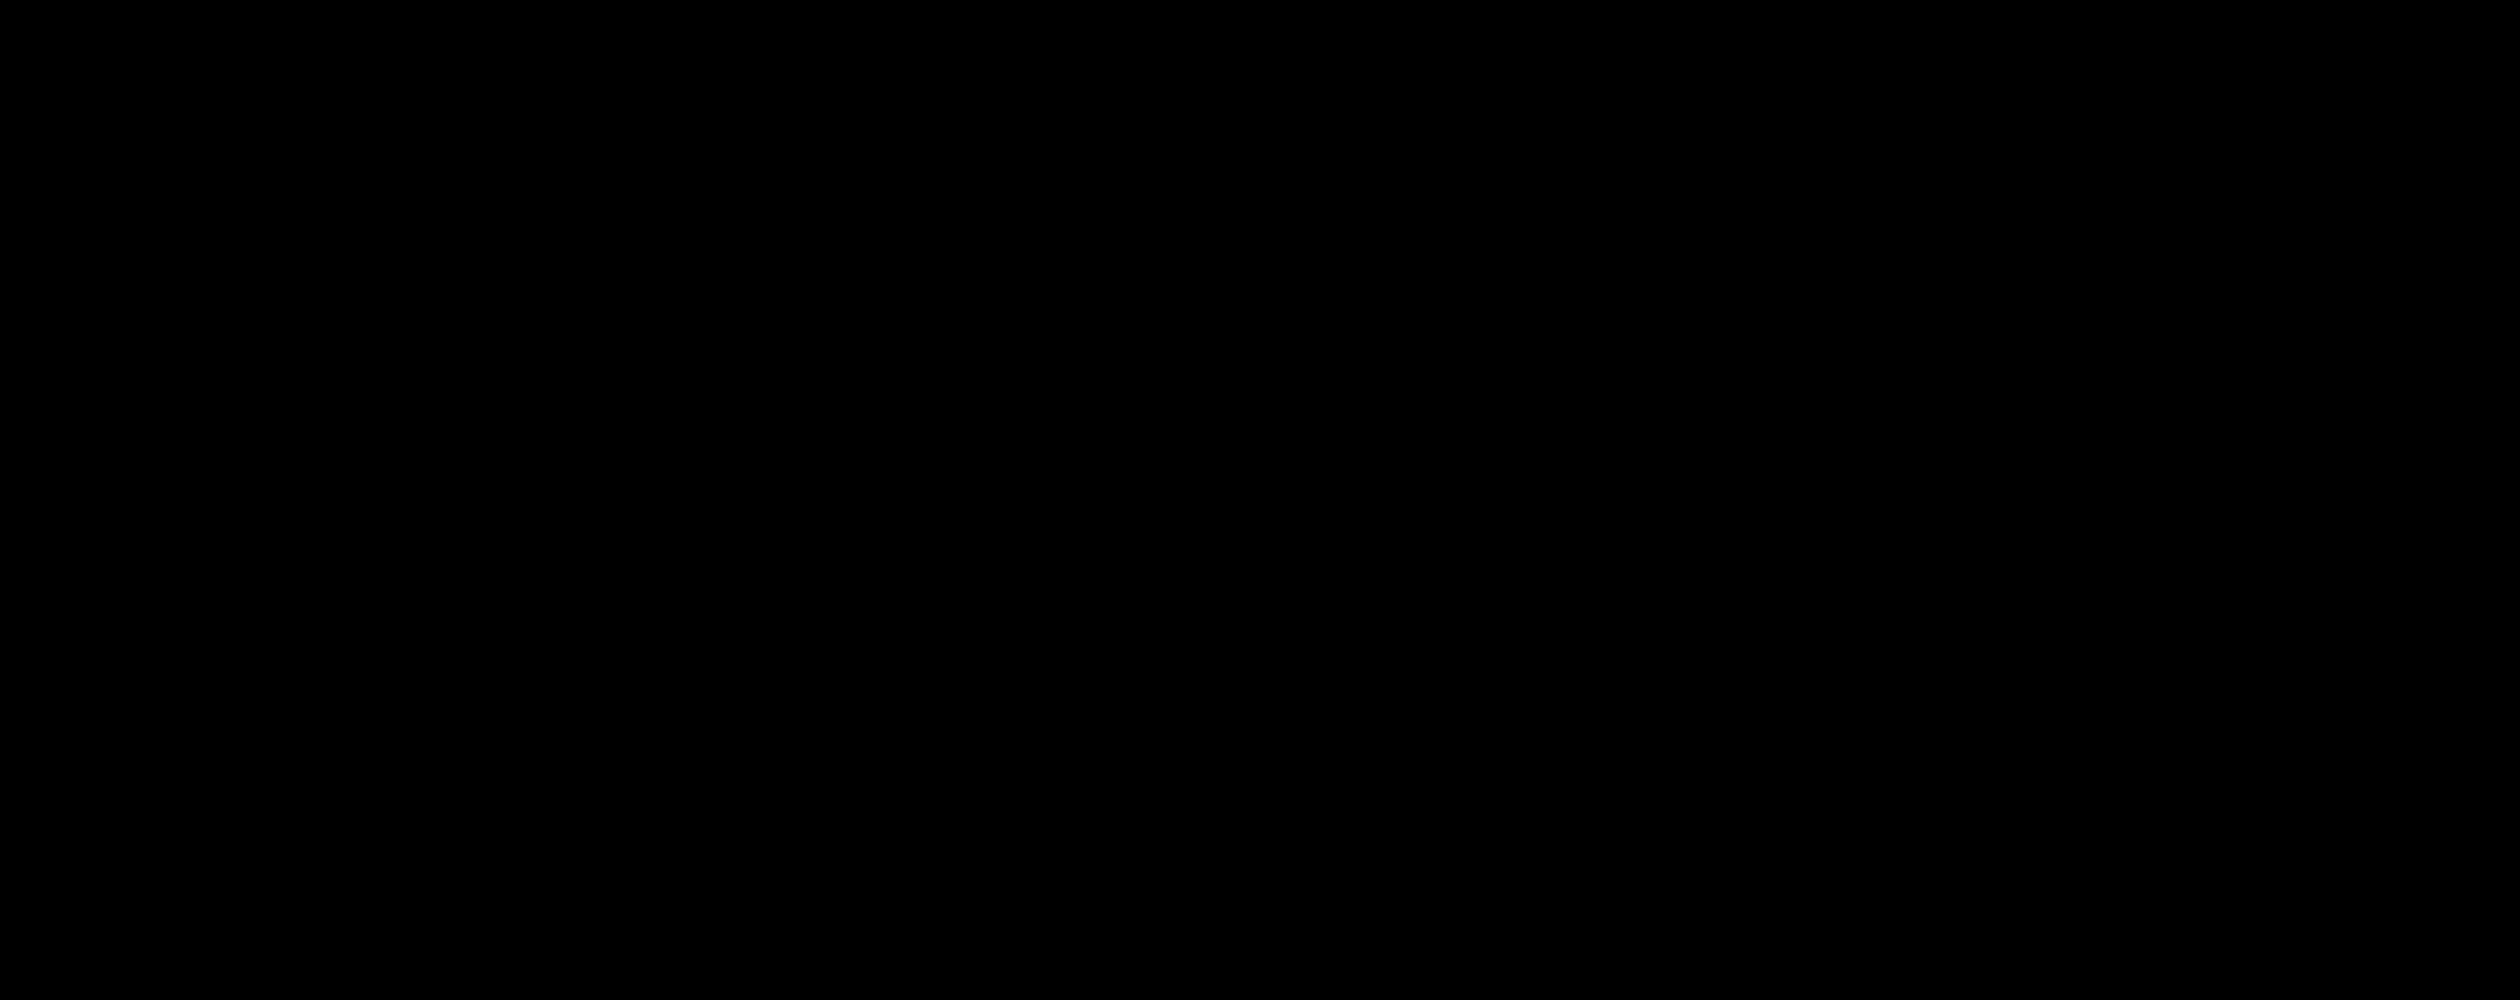 20140611_AFF_FFDIN_Round_Typeface-03